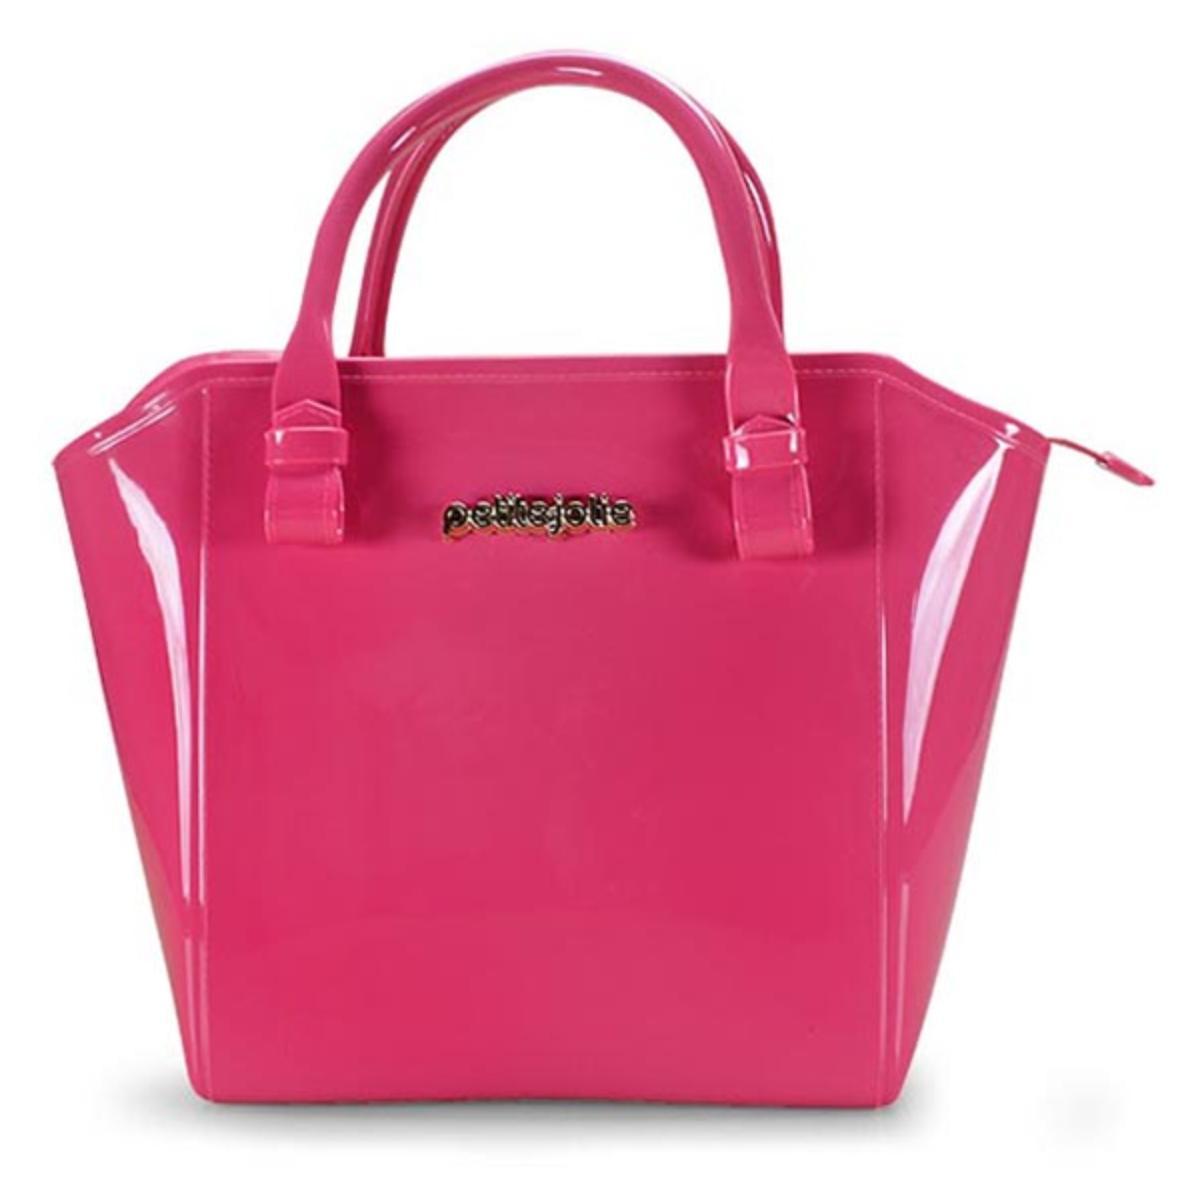 Bolsa Feminina Petite Jolie Pj3939 Pink